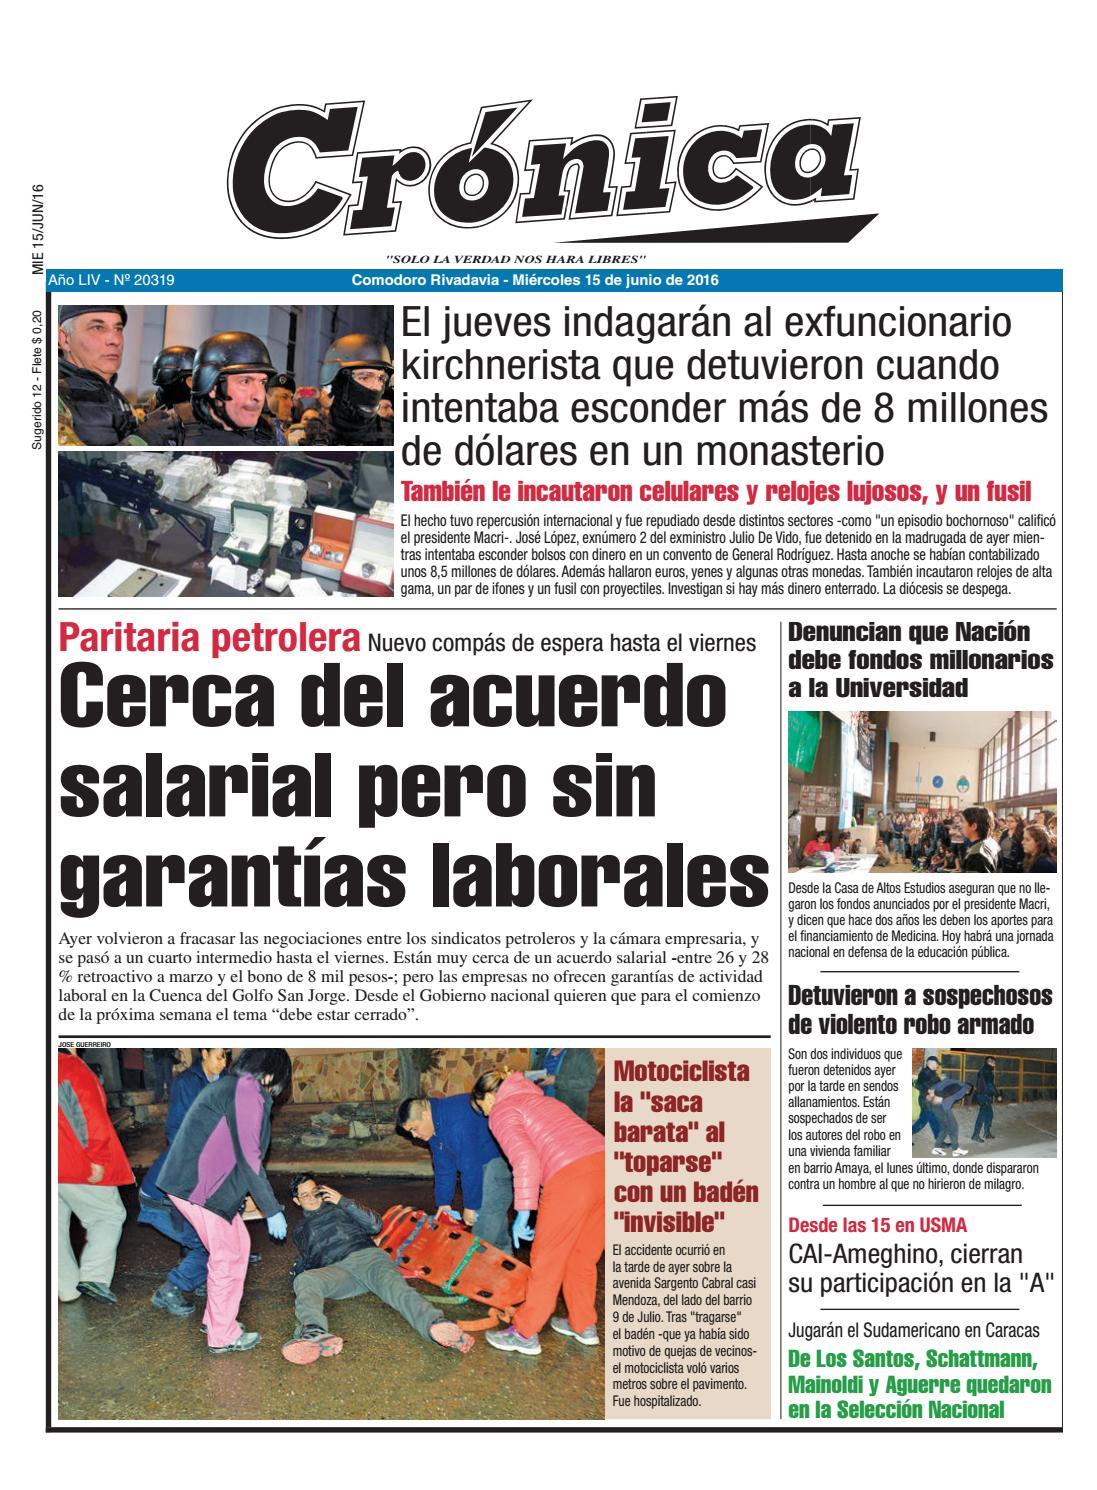 95aff07ef2eeaf9dcb6d262e35cf09ab by Diario Crónica - issuu